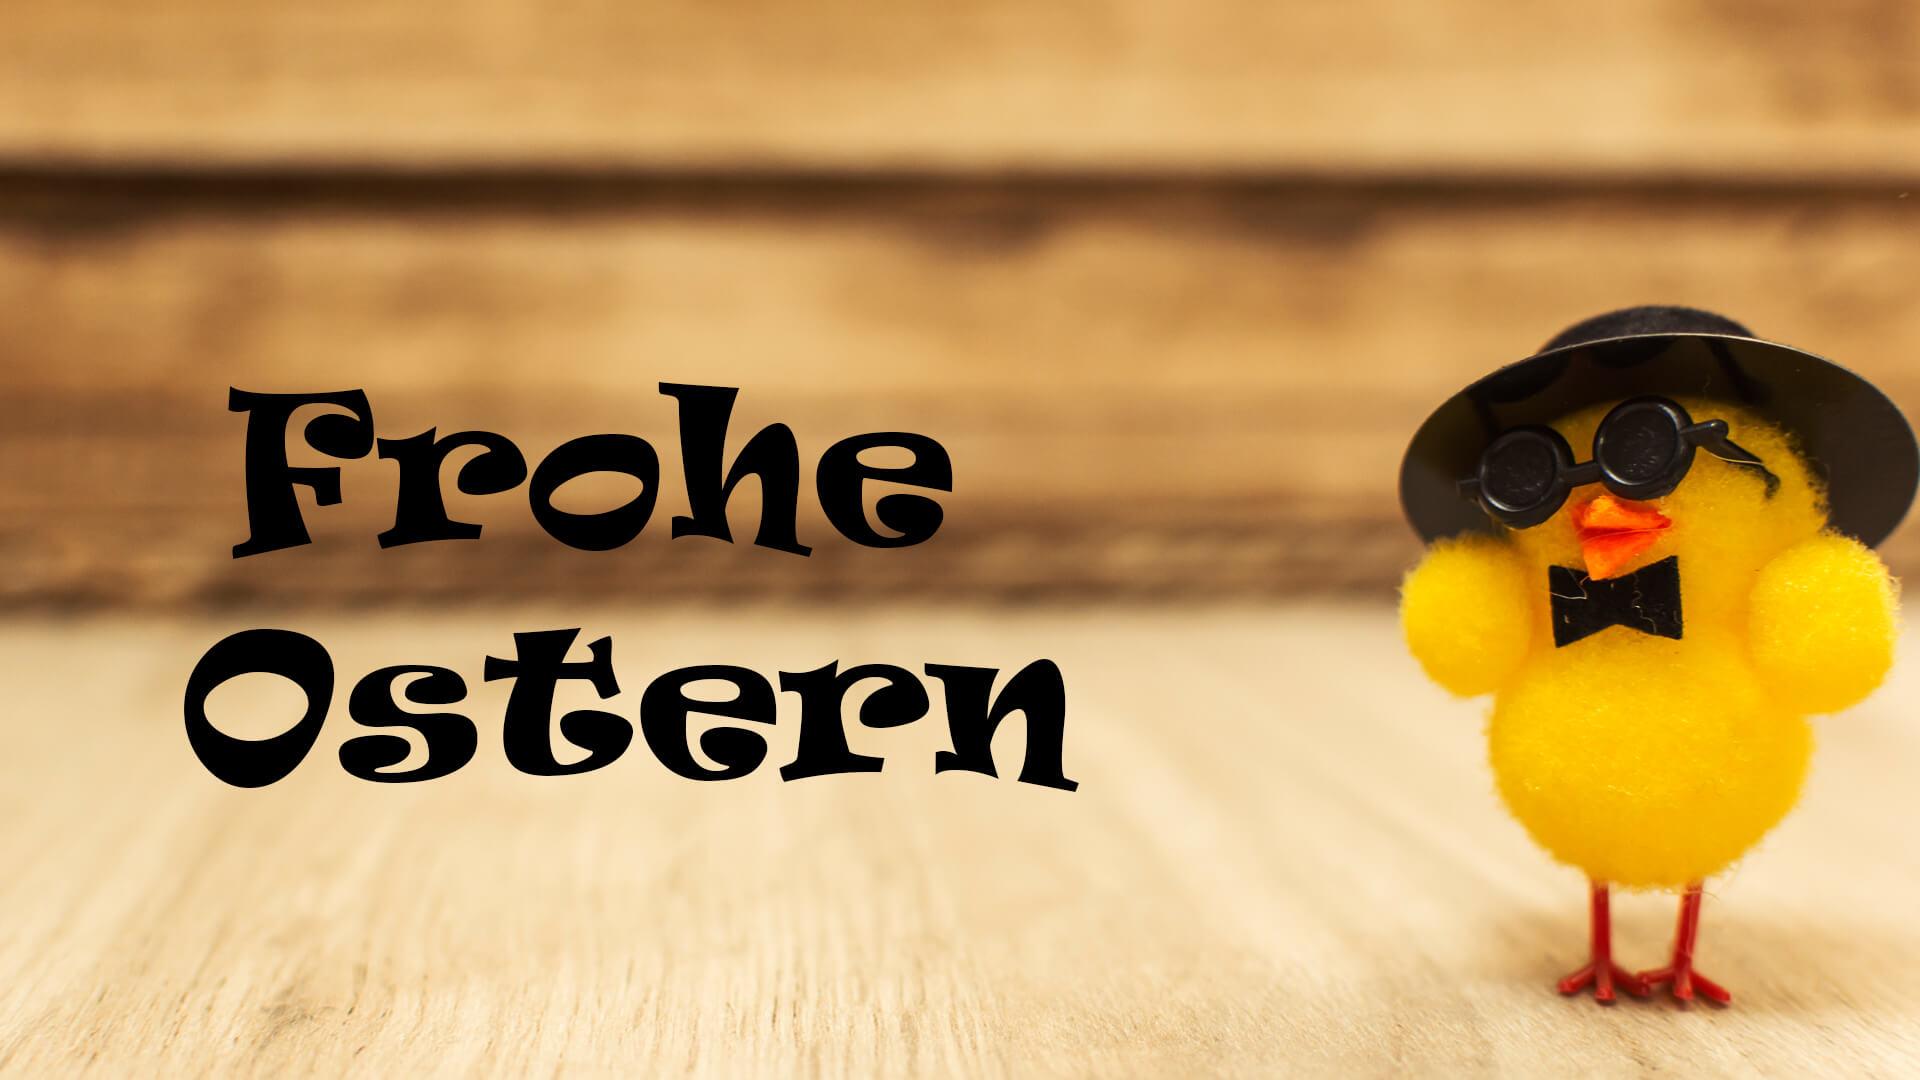 """Frohe Ostern!"""" Whatsapp-Grüße: Bilder An Familie Und Freunde für Lustiges Zu Ostern"""